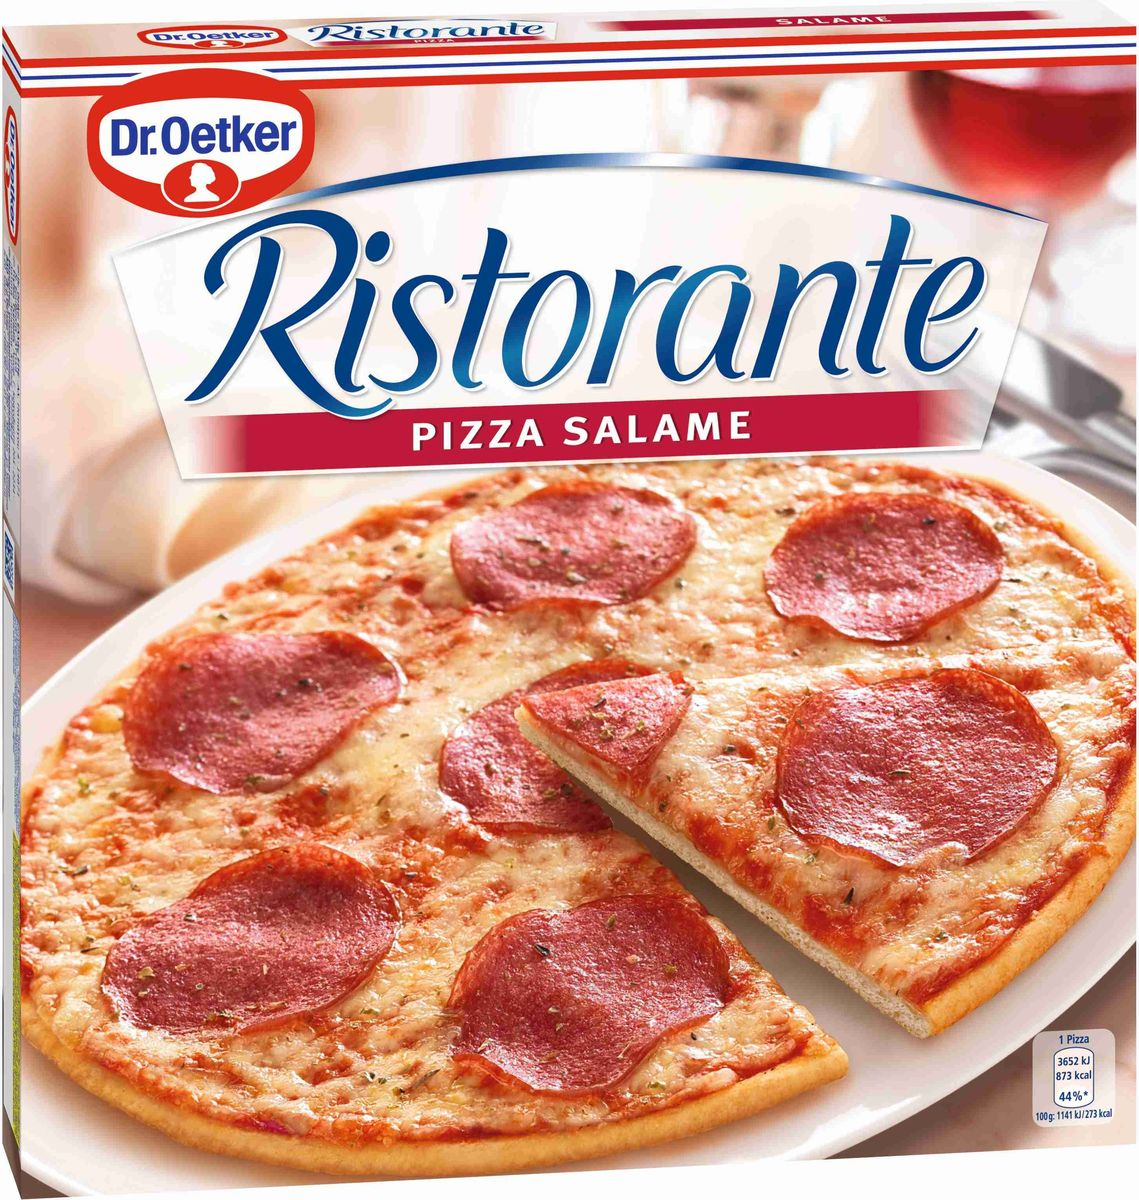 Dr.Oetker Пицца Ristorante Салями, 320 г22180Пицца Dr.Oetke Ristorante - изысканная итальянская пицца на тонком хрустящем тесте с богатой начинкой. Пицца обильно покрыта салями, сырами Эдам и Моцарелла.Пищевая ценность на 100 г продукта: жиры - 14 г, белки - 10,3 г, углеводы - 26,3 г.